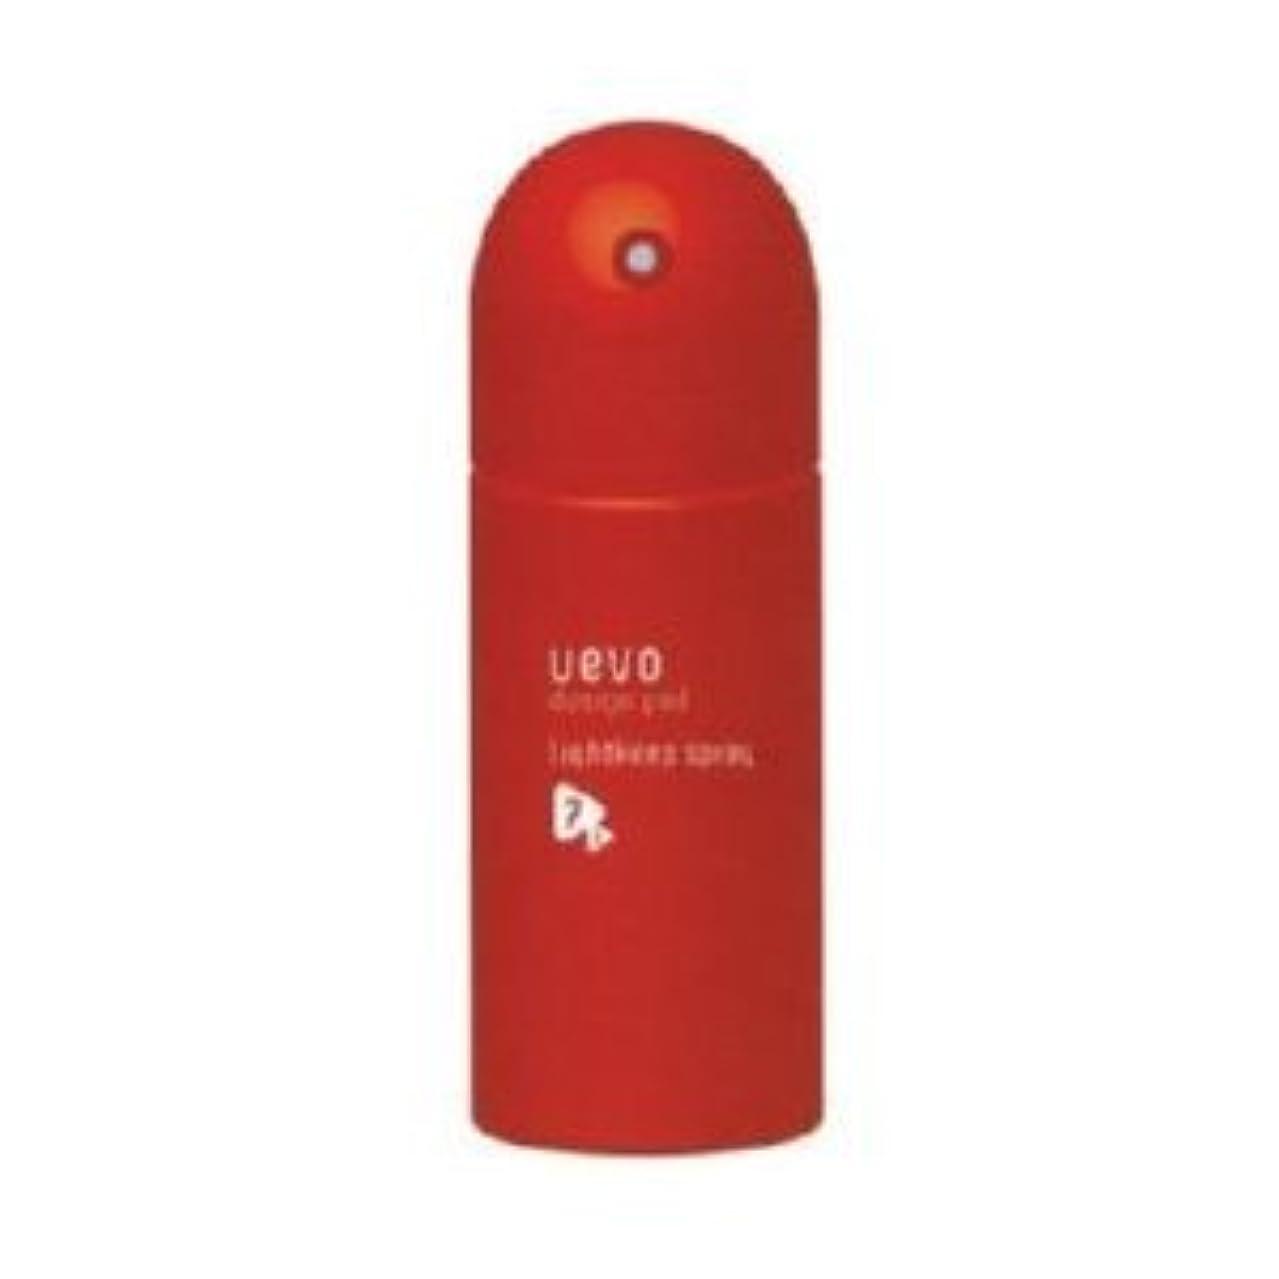 何よりも蜂下線【X5個セット】 デミ ウェーボ デザインポッド ライトキープスプレー 220ml lightkeep spray DEMI uevo design pod